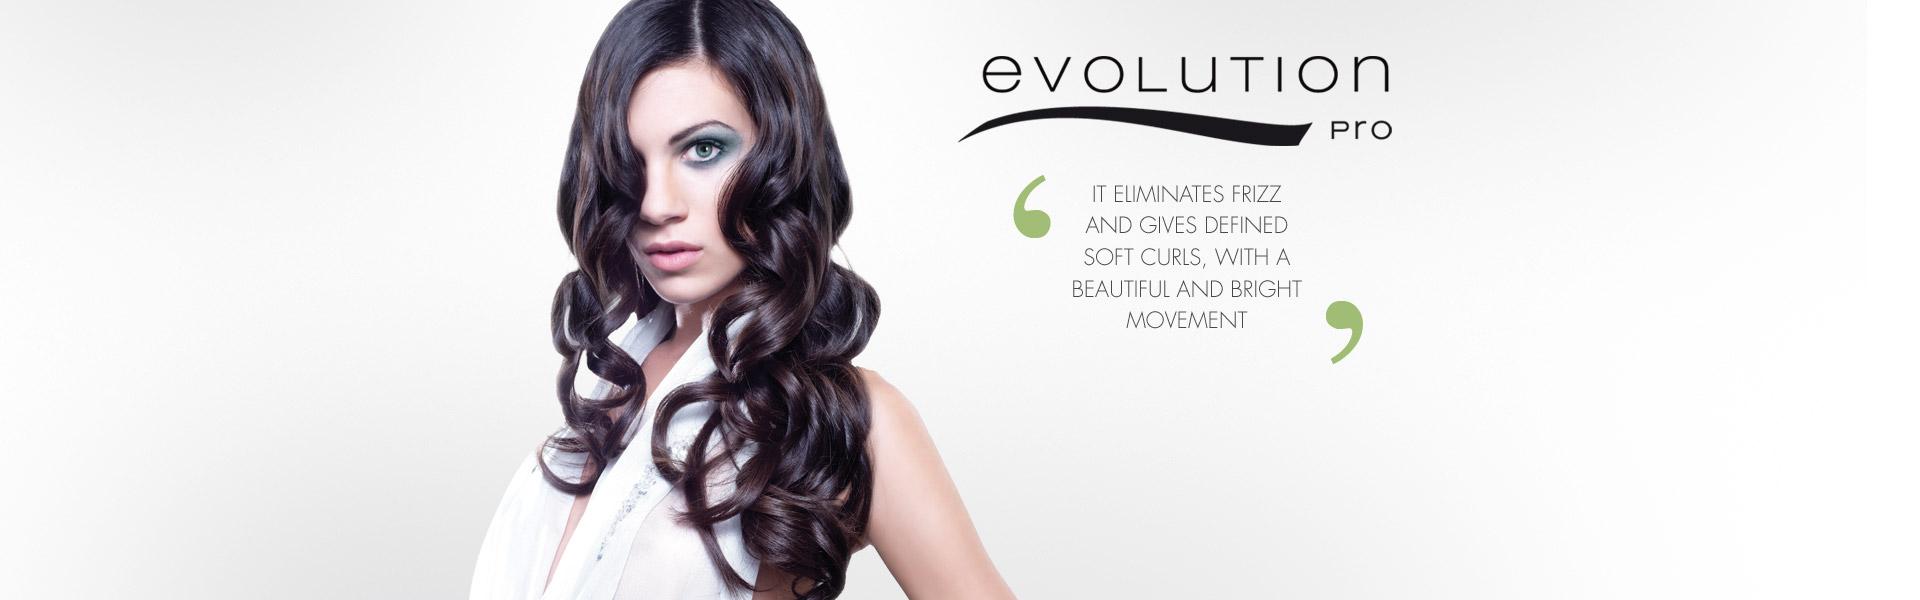 evolutionproondeericci_en